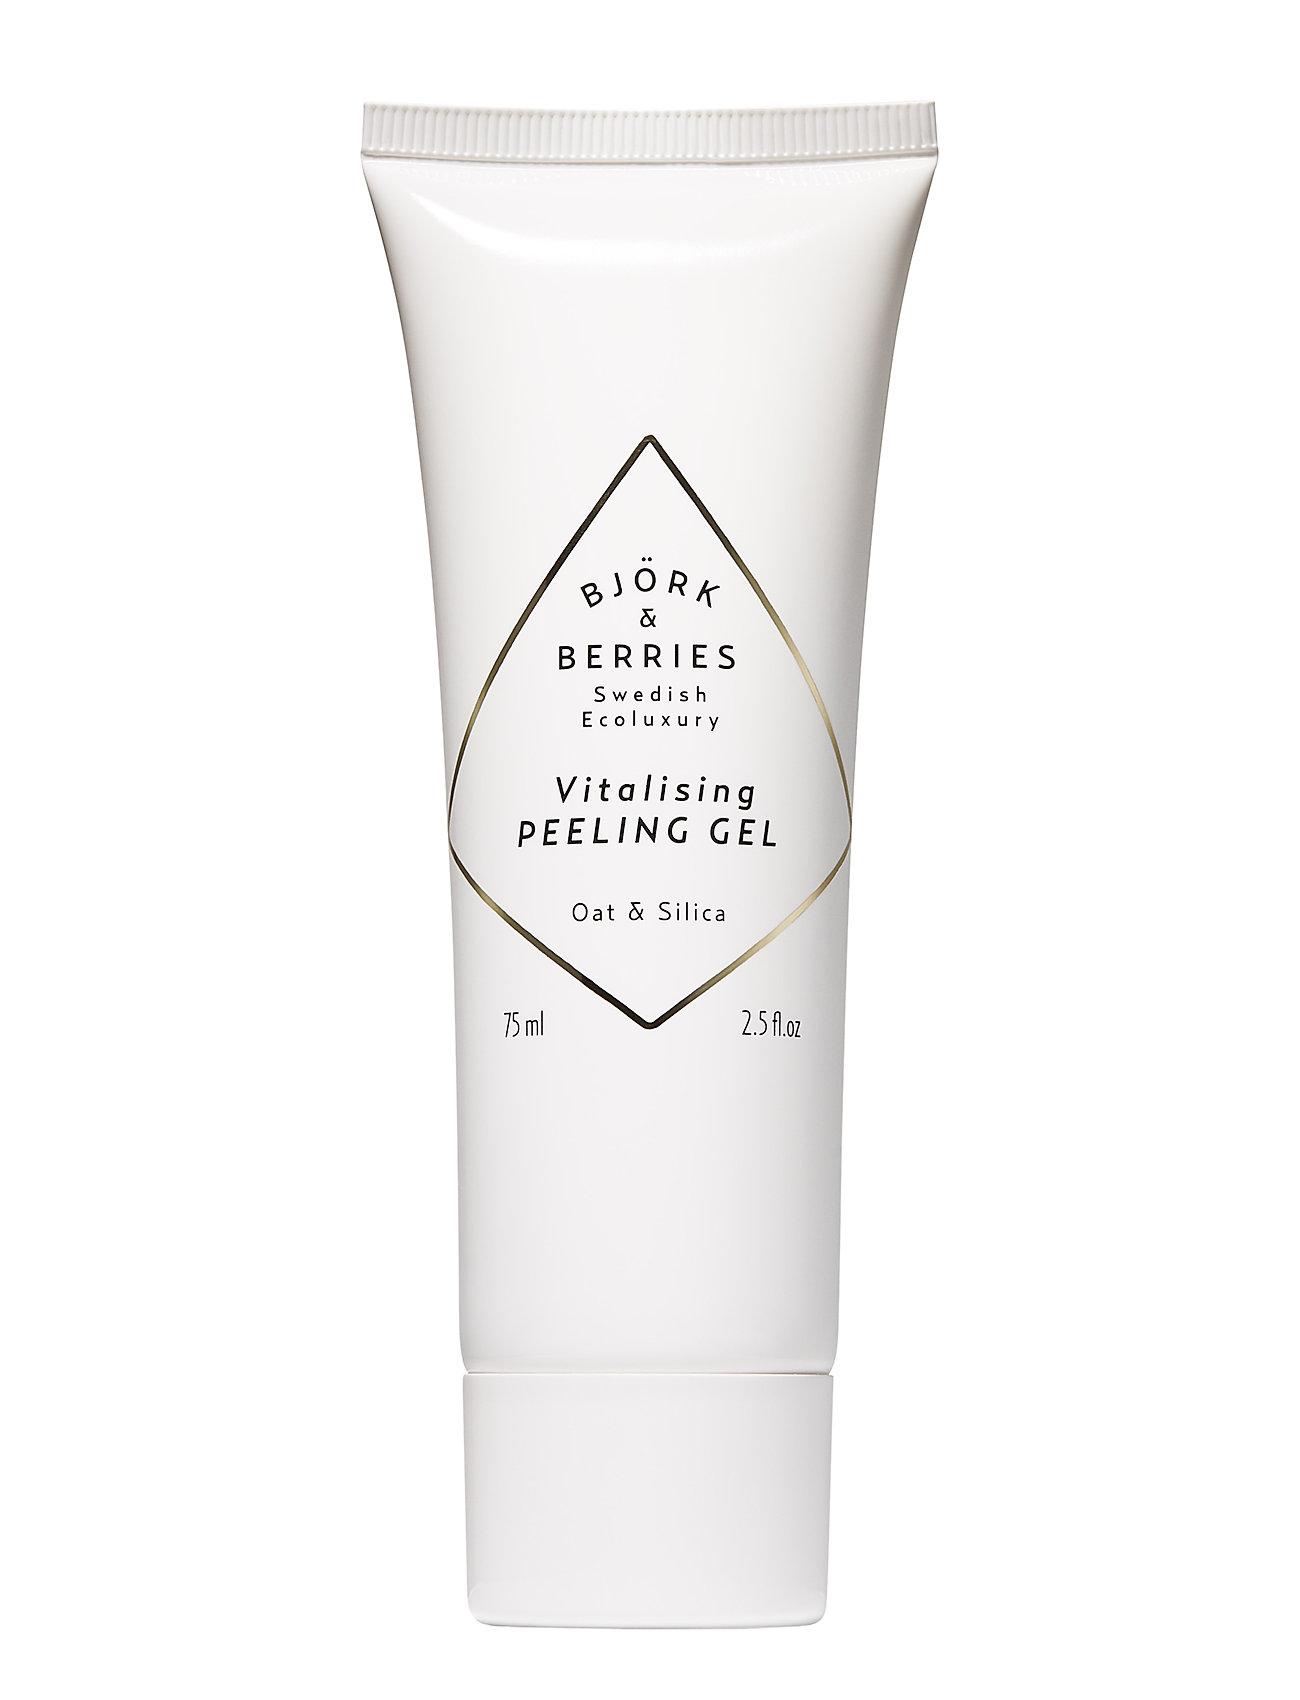 Image of Vitalising Peeling Gel Beauty WOMEN Skin Care Face Peelings Nude Björk & Berries (3305405537)